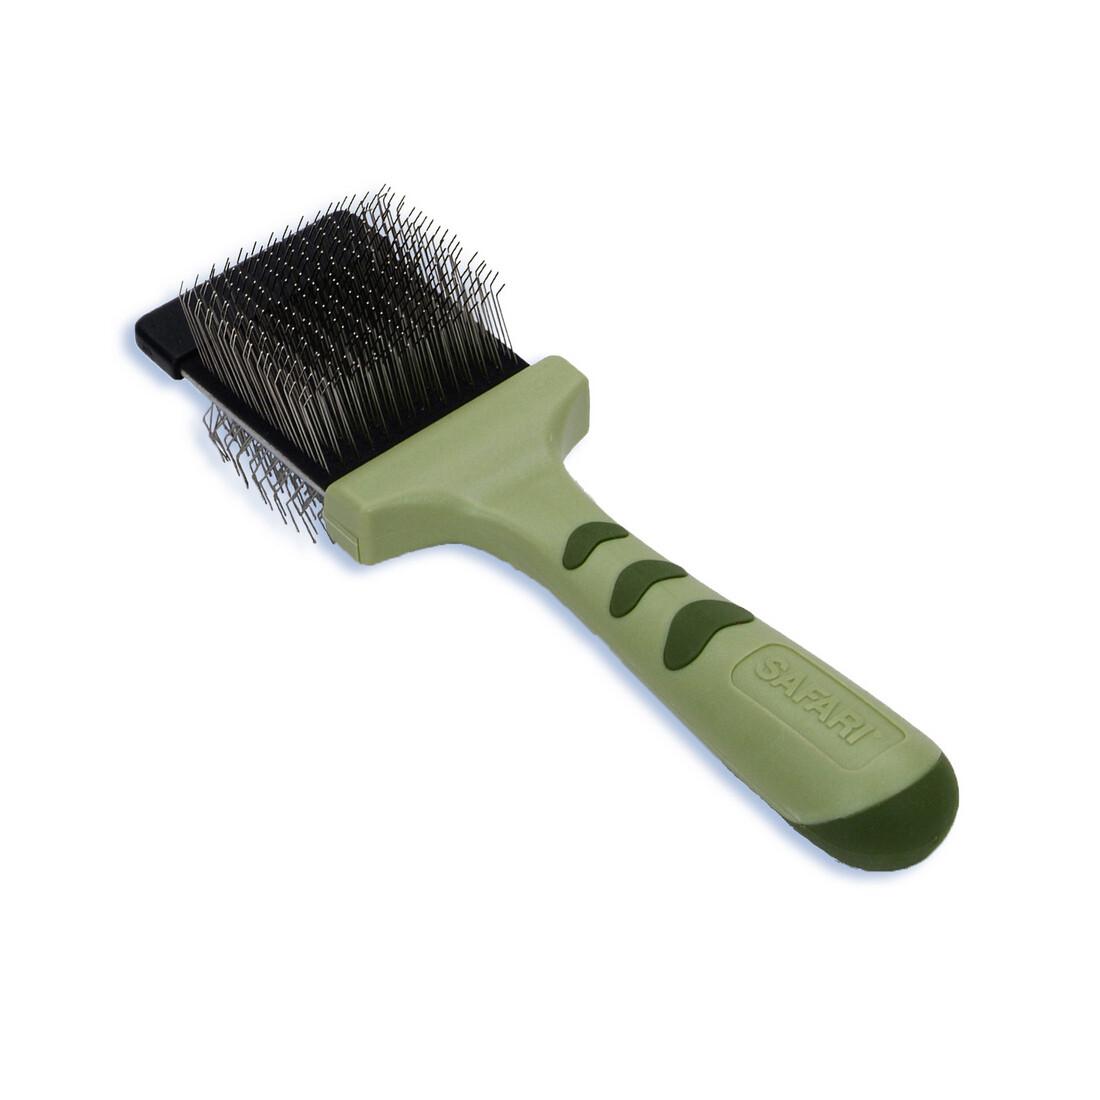 Safari Dog Flexible Slicker Brush - Small